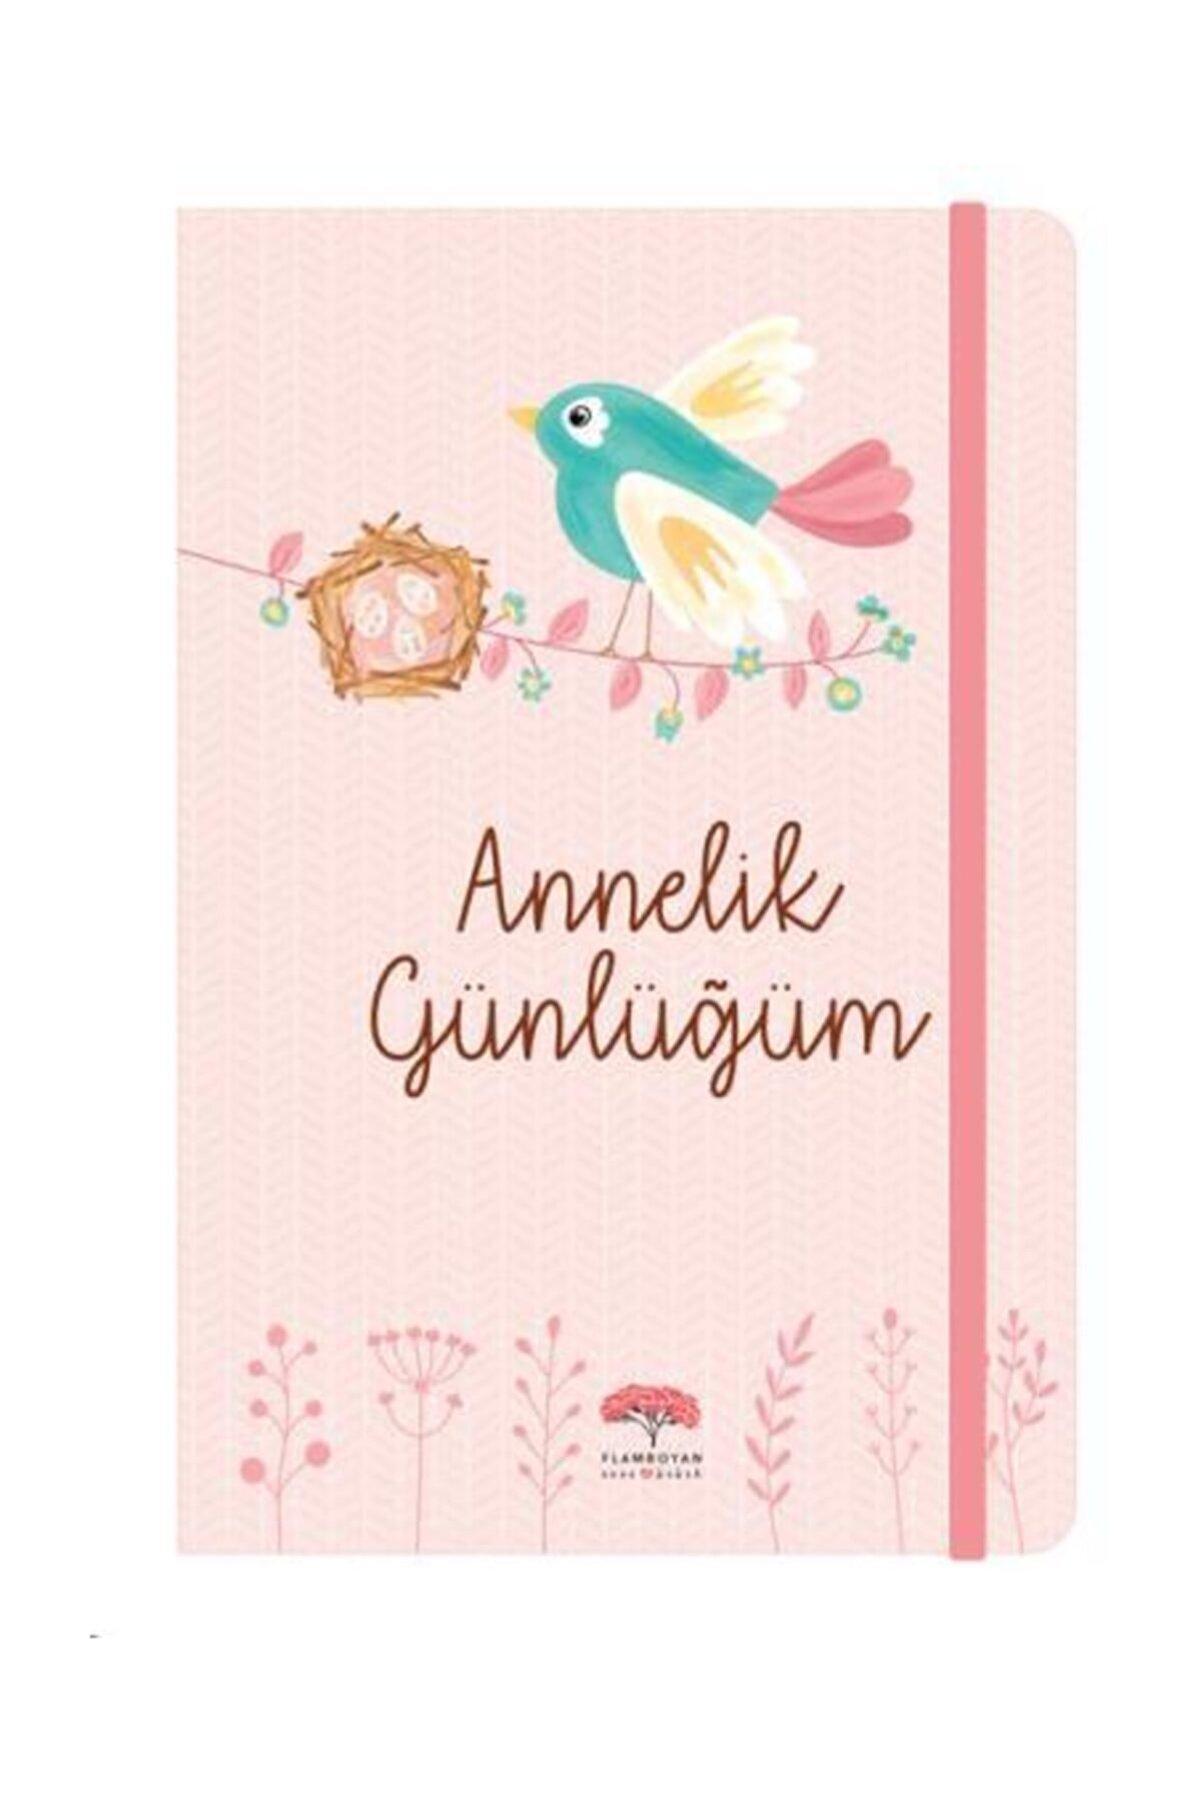 Flamboyan Annelik Günlüğüm - Evrim Gürel Süveydan 9786058356436